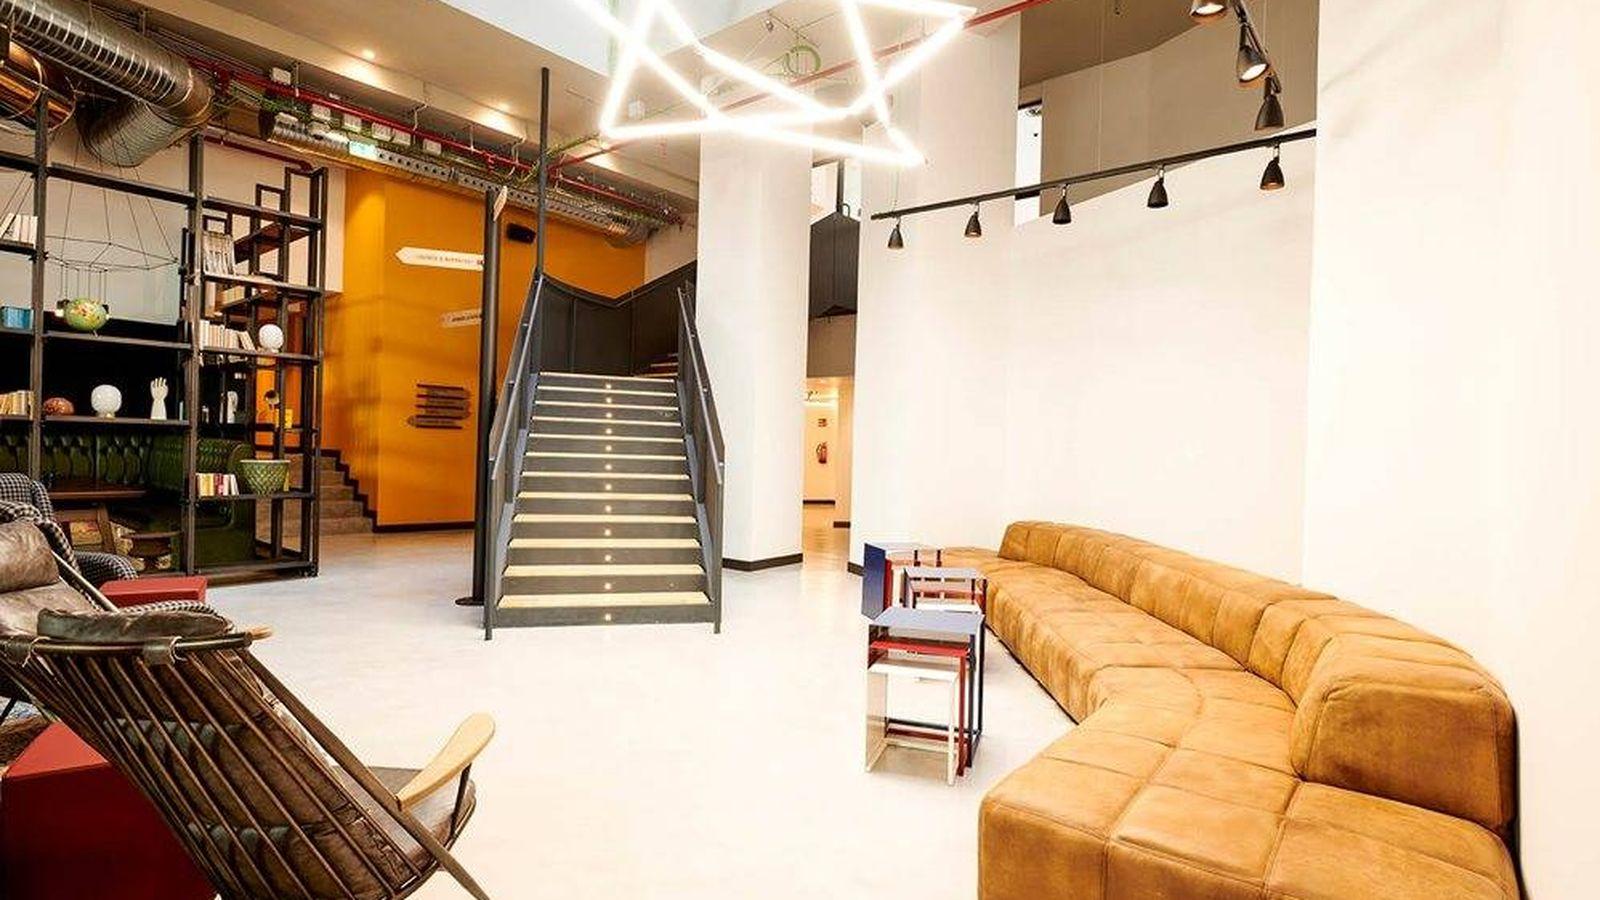 Foto: Así es el Generator de Madrid, un lugar para alojarse... y hacer amigos. (Cortesía)